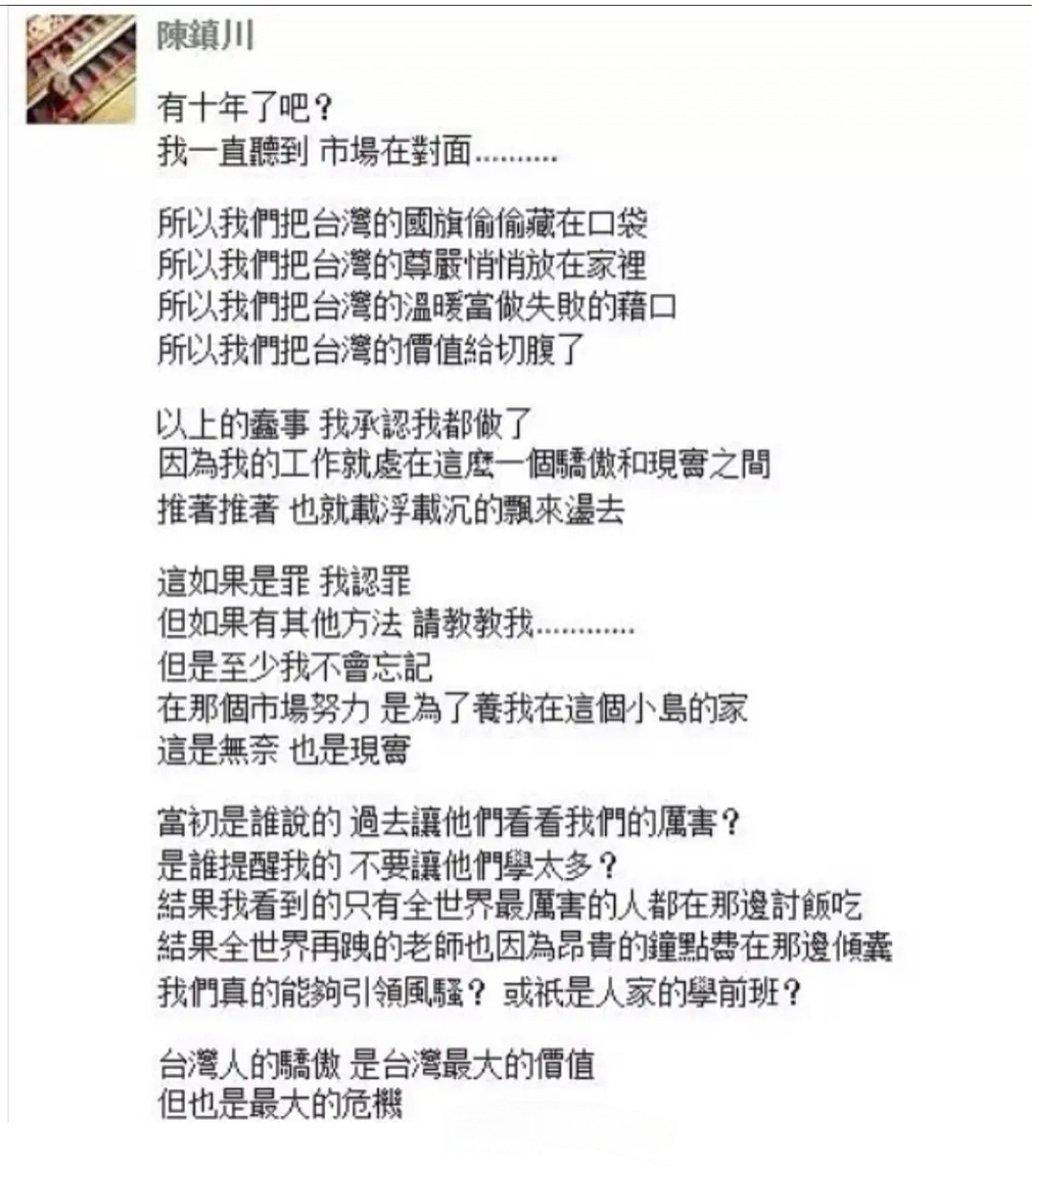 大陸網友挖出陳鎮川之前的貼文砲轟。 圖/擷自微博